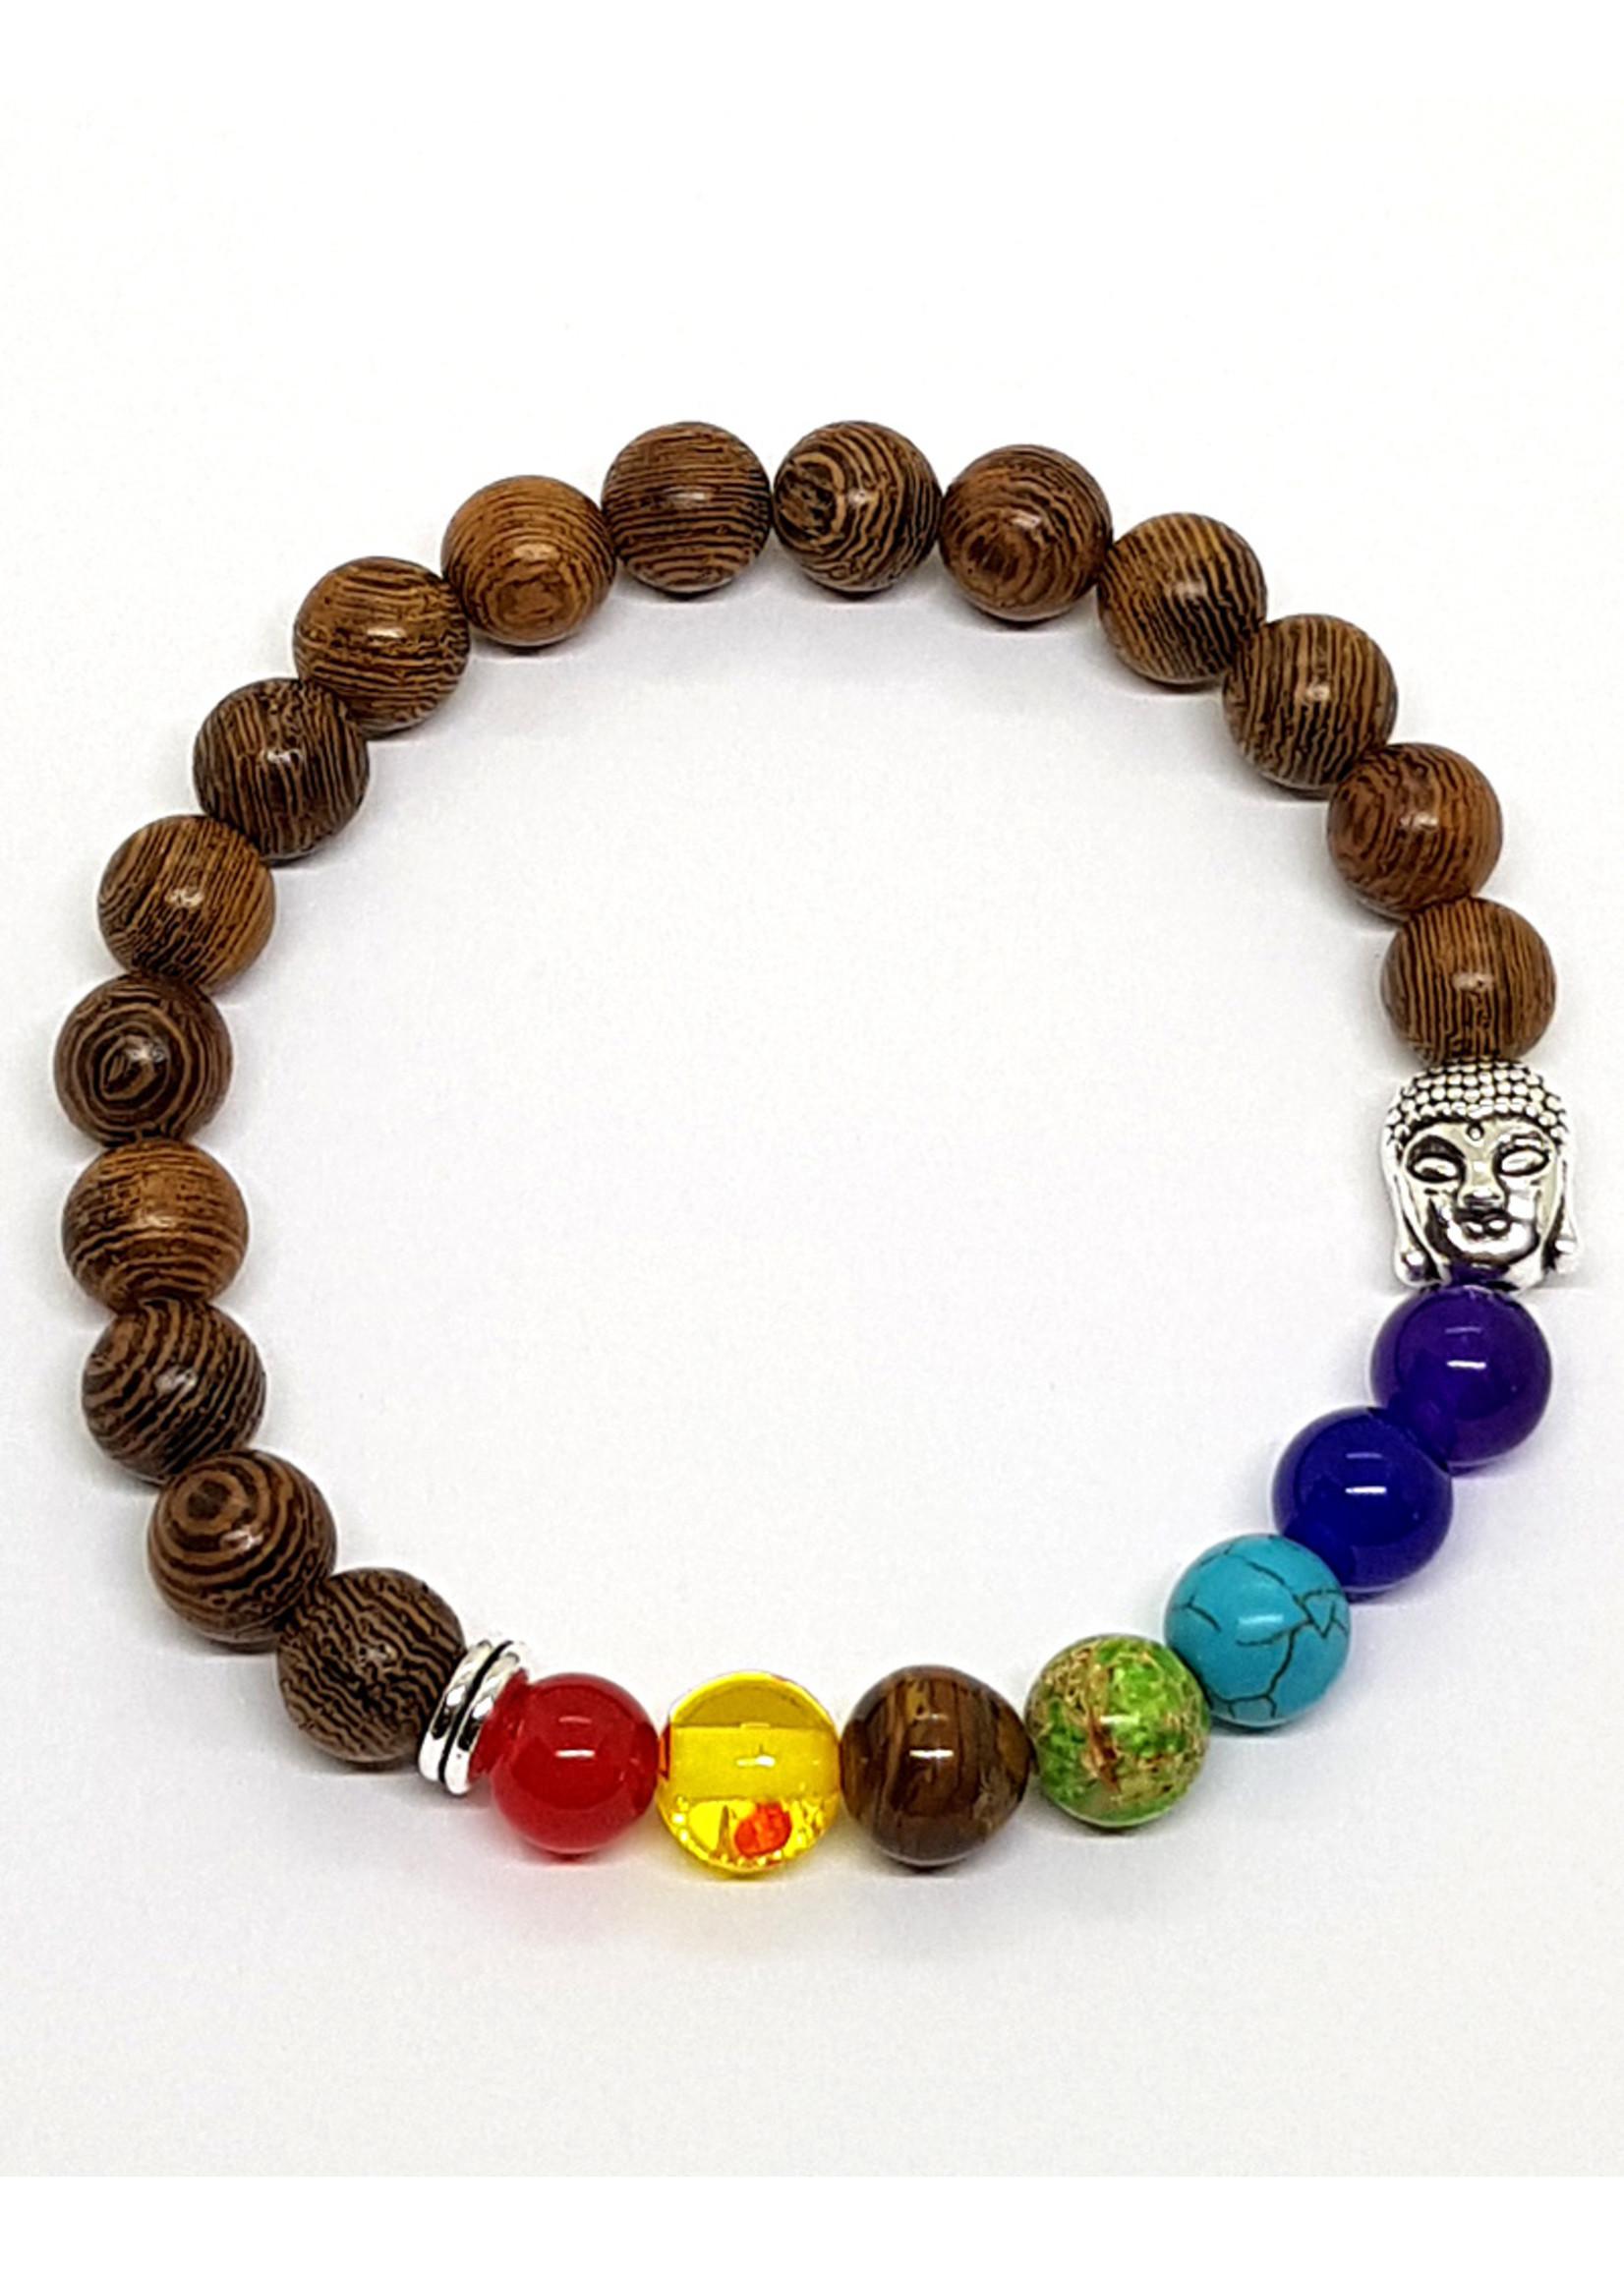 Holz-Armband mit 7 Chakras und Buddha, braun